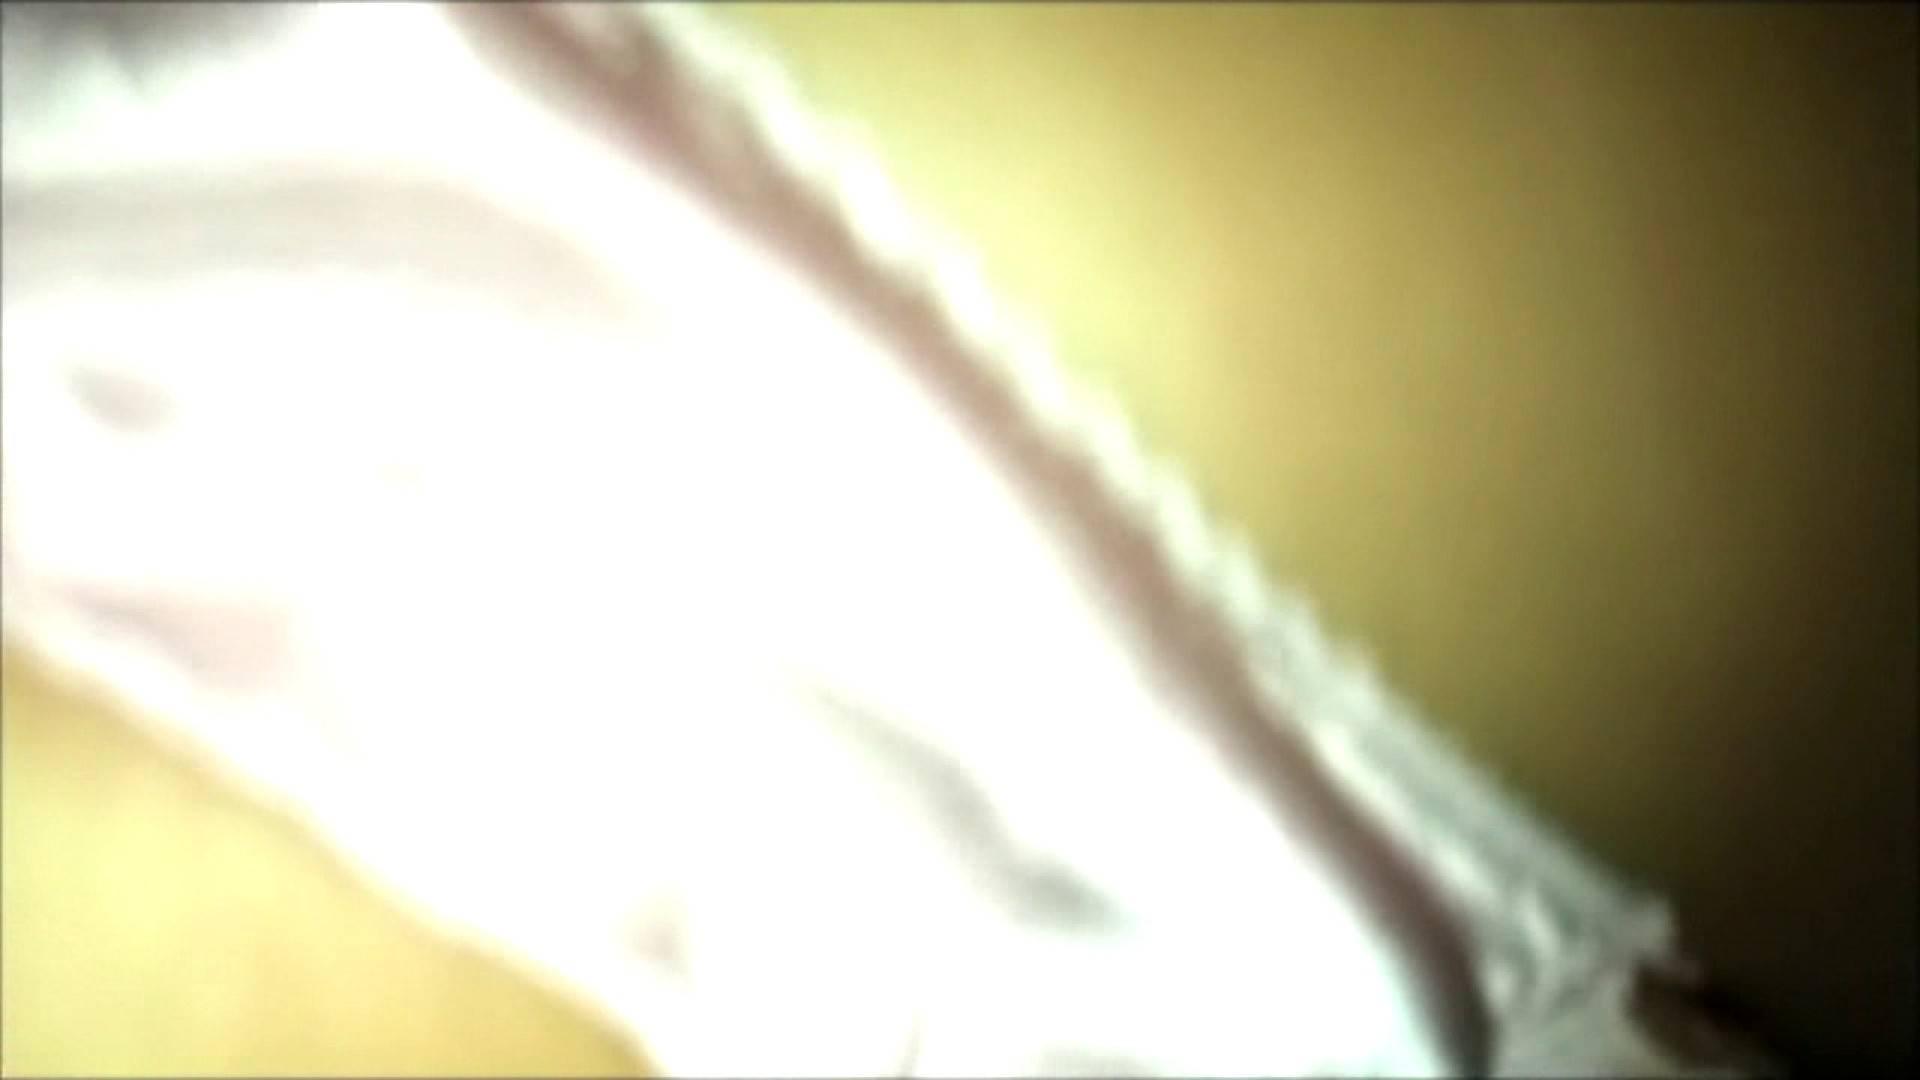 魔術師の お・も・て・な・し vol.05 21歳 美乳にイタズラ OLヌード天国  90PIX 12